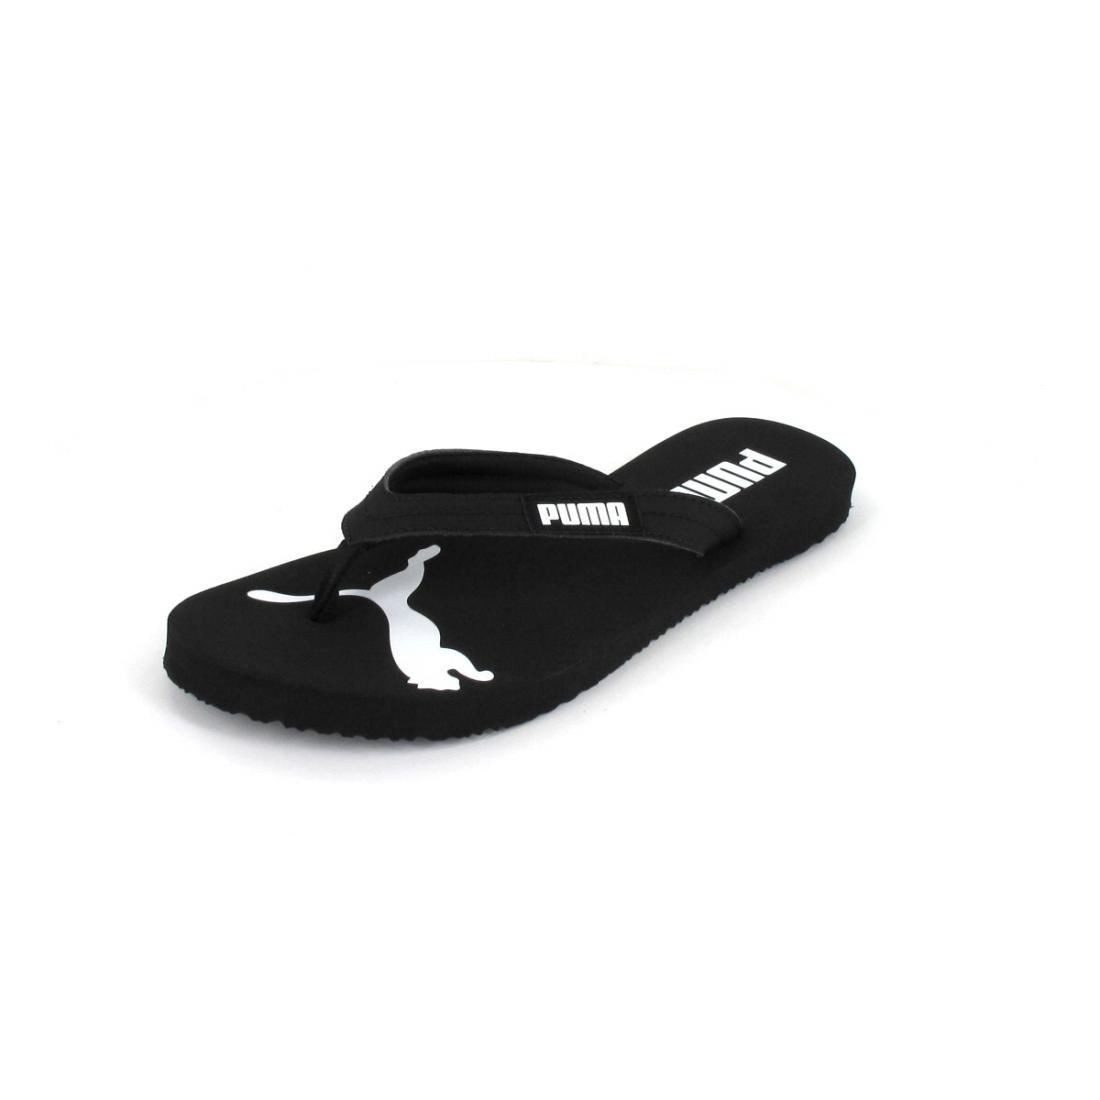 Puma Pantolette Cozy Flip Whs